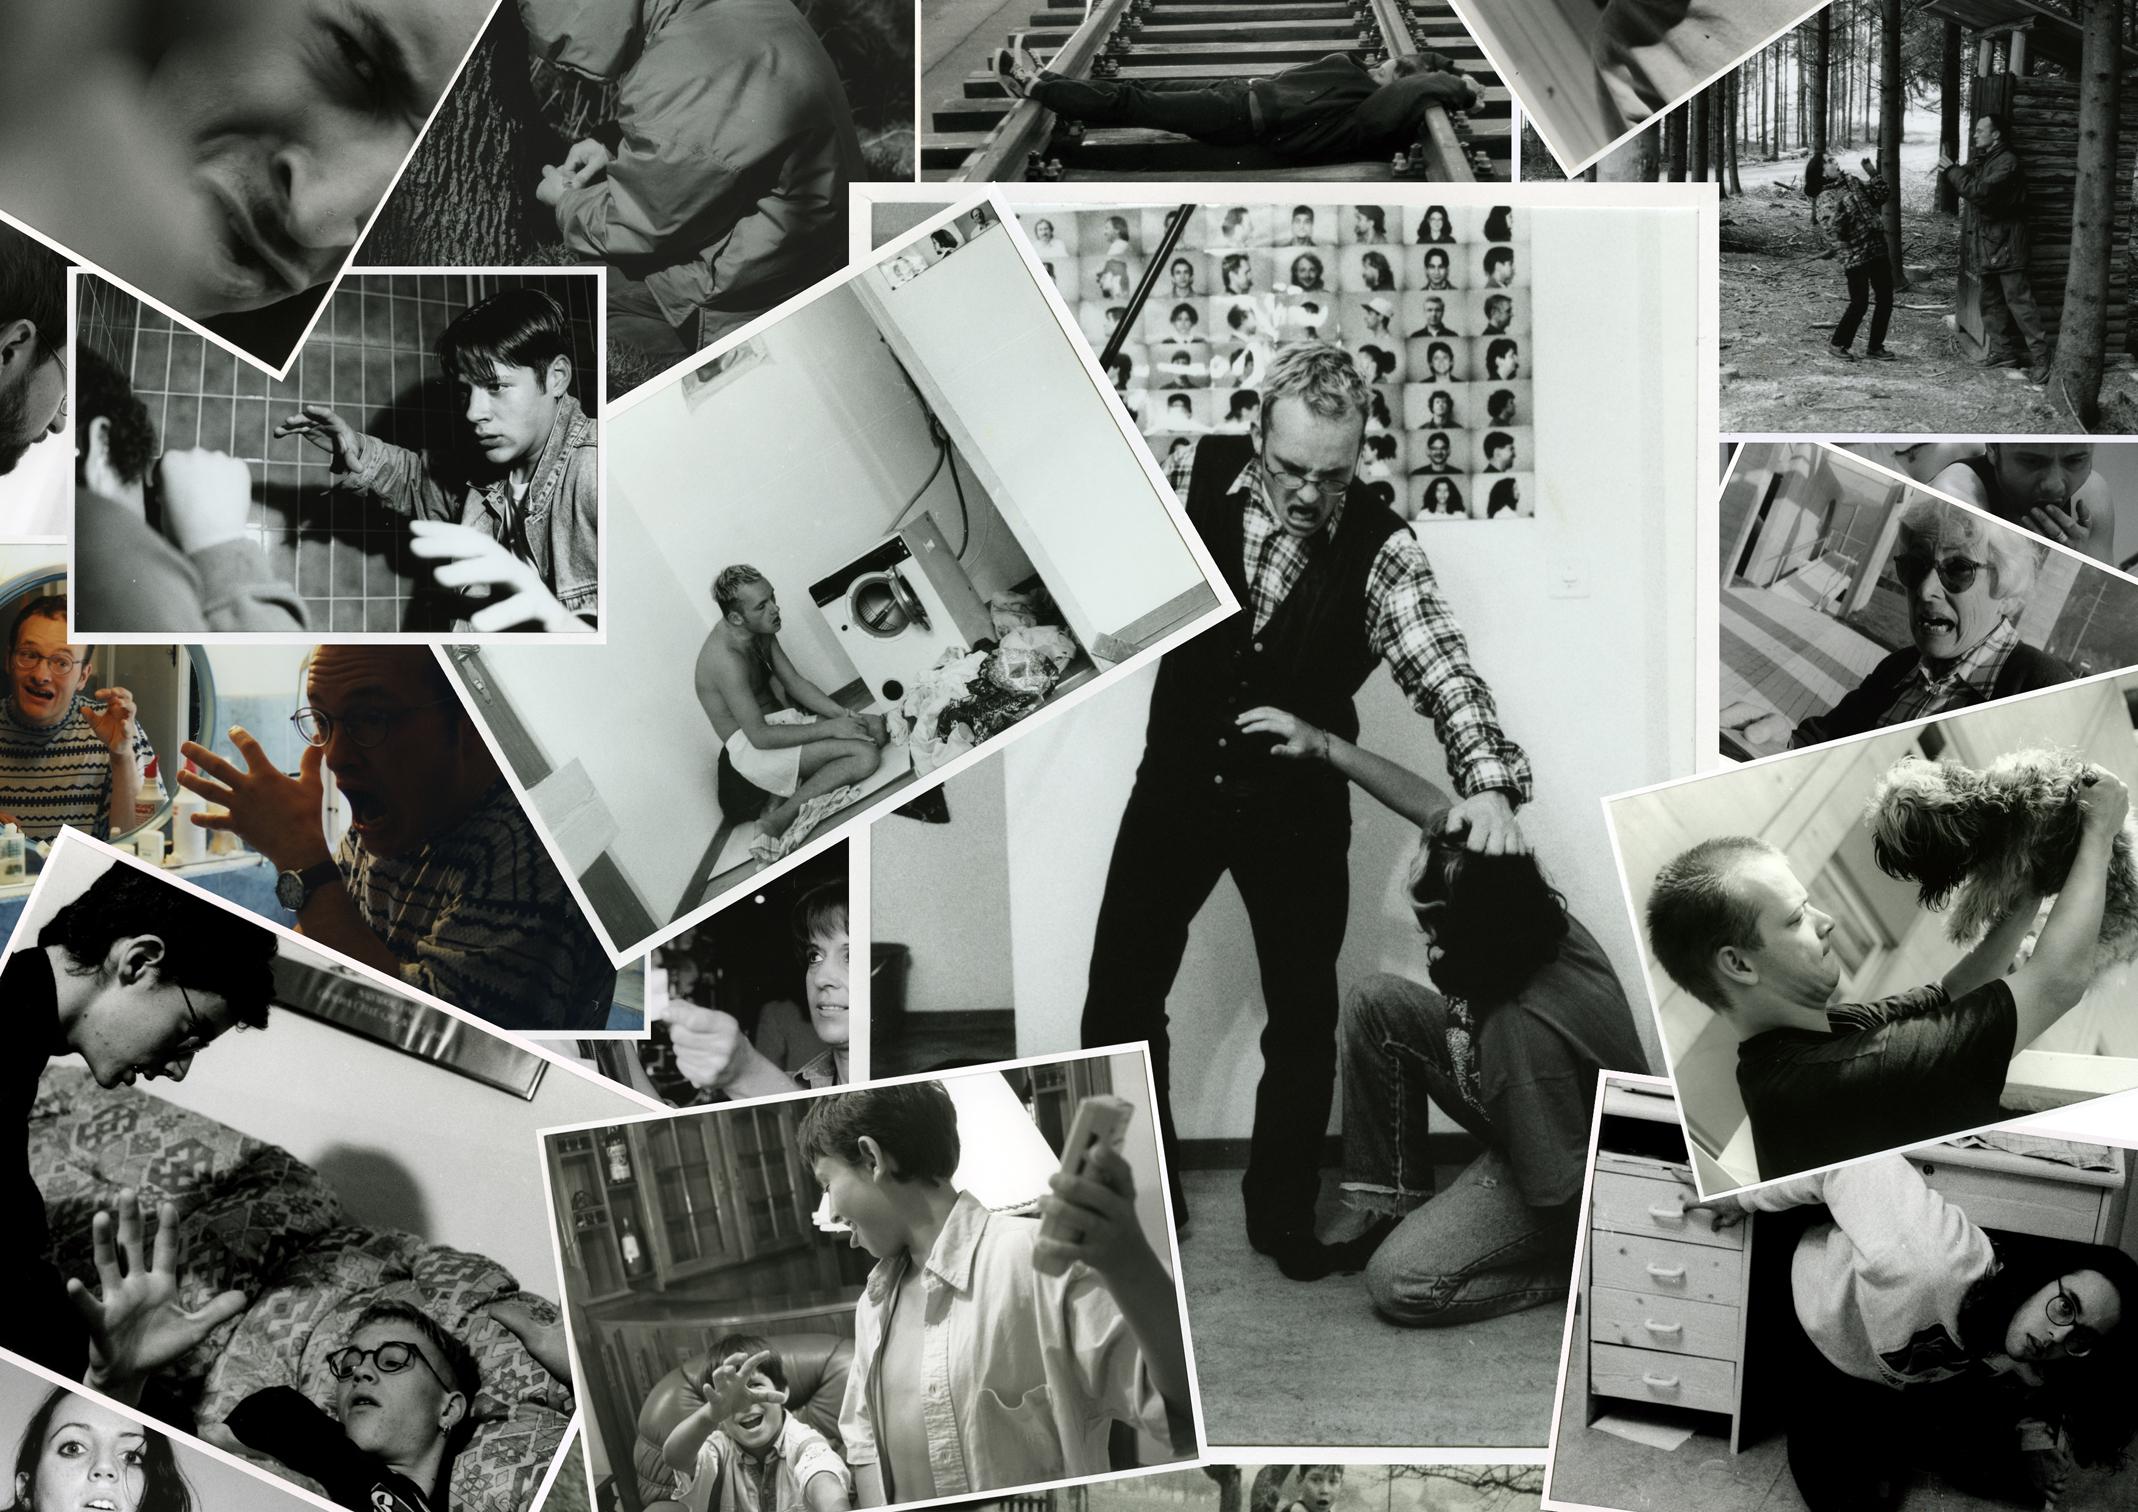 Photographe professionnel et comédien amateur – Lionel Vauthey